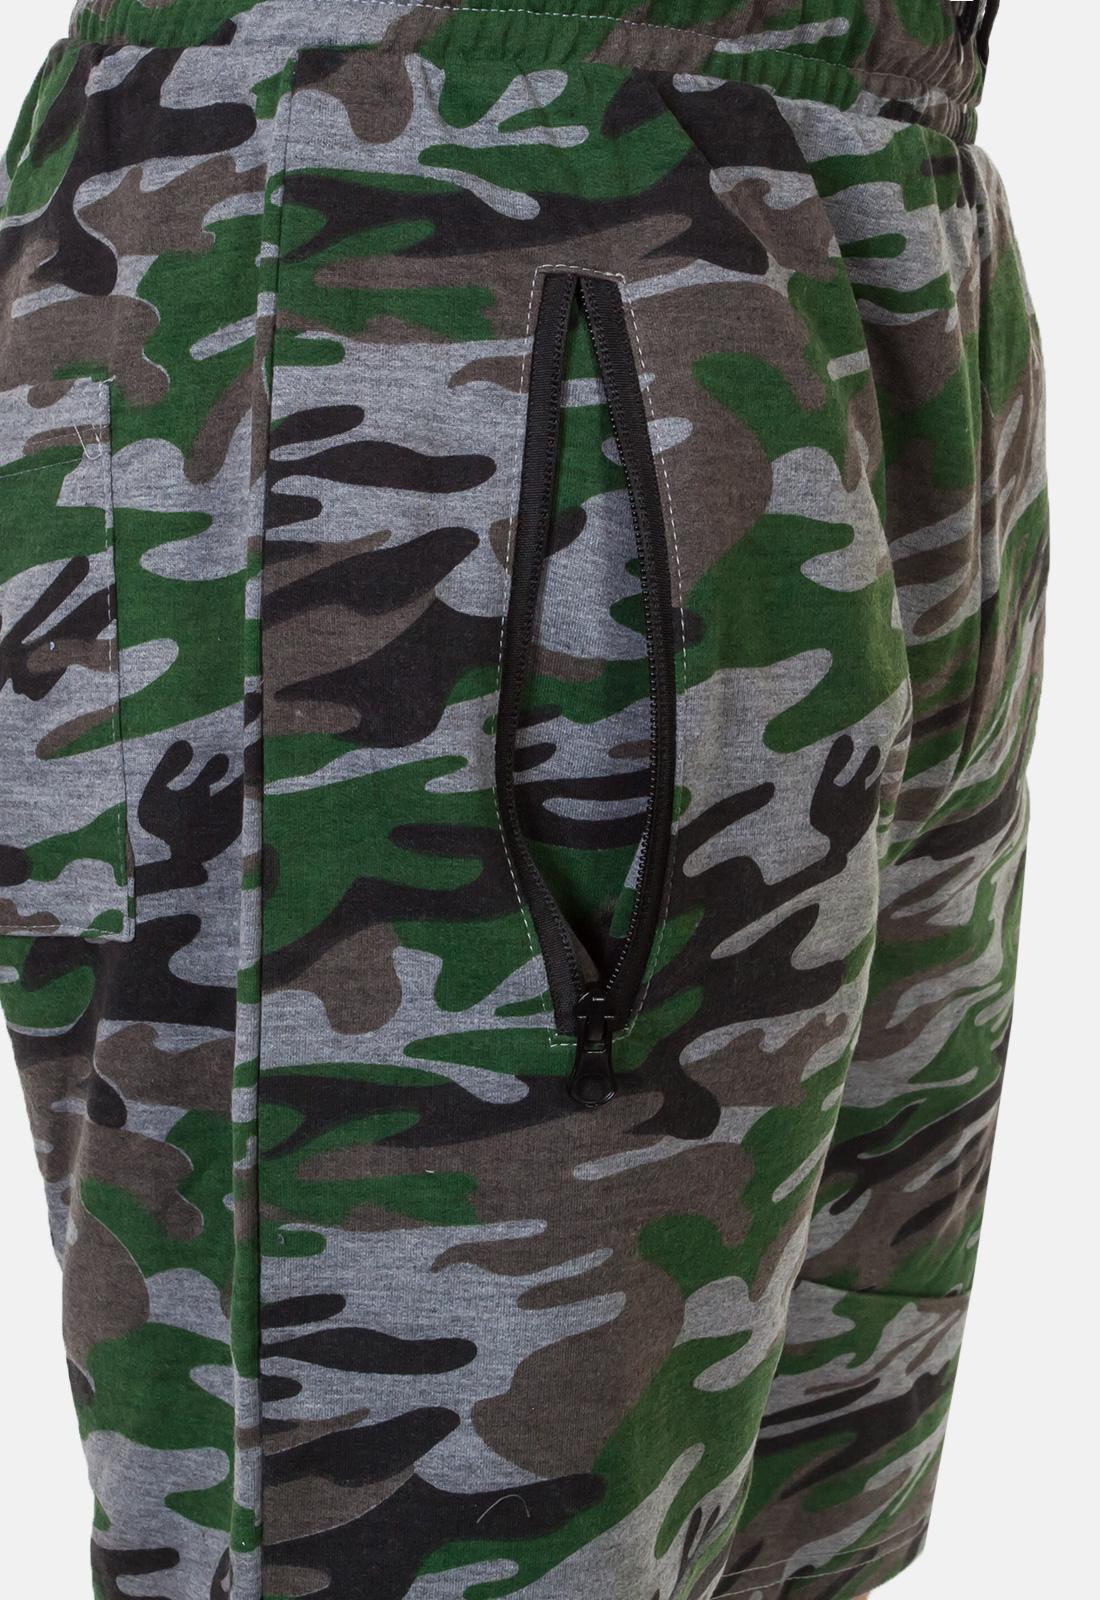 Мужские шорты с нашивкой Охотничий спецназ купить оптом